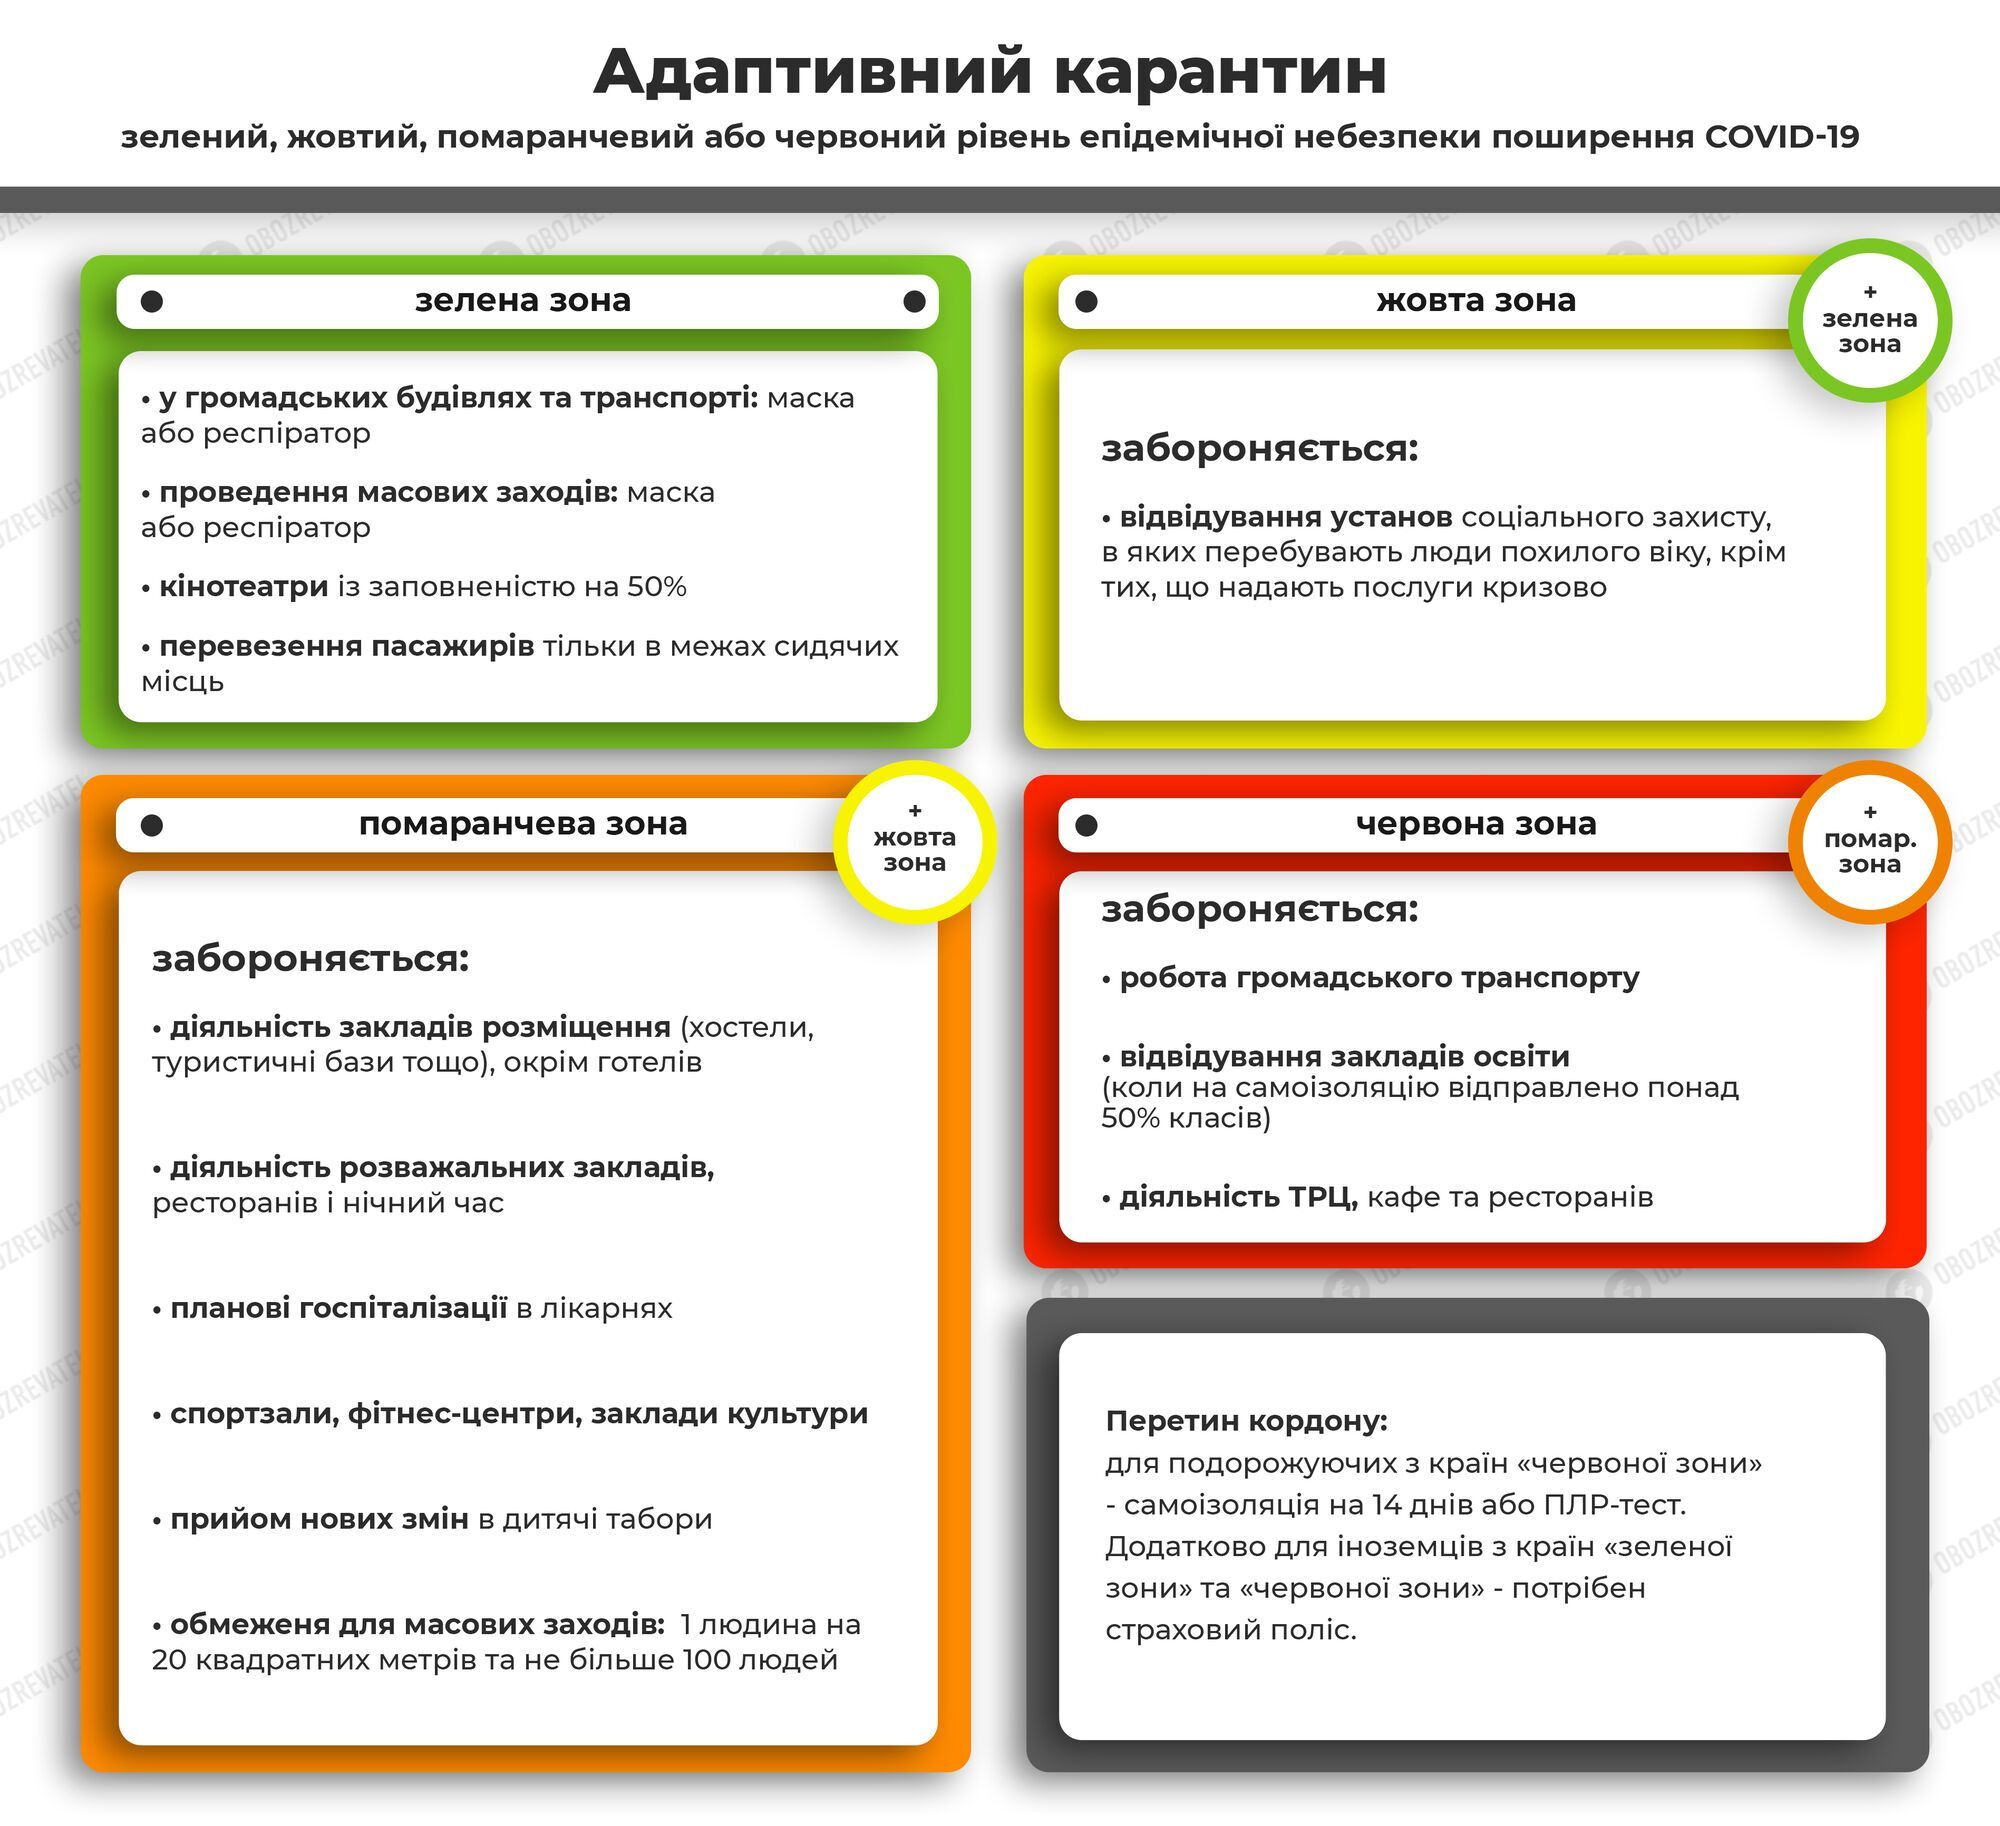 В Украине продлили и ужесточили карантин: жесткие правила